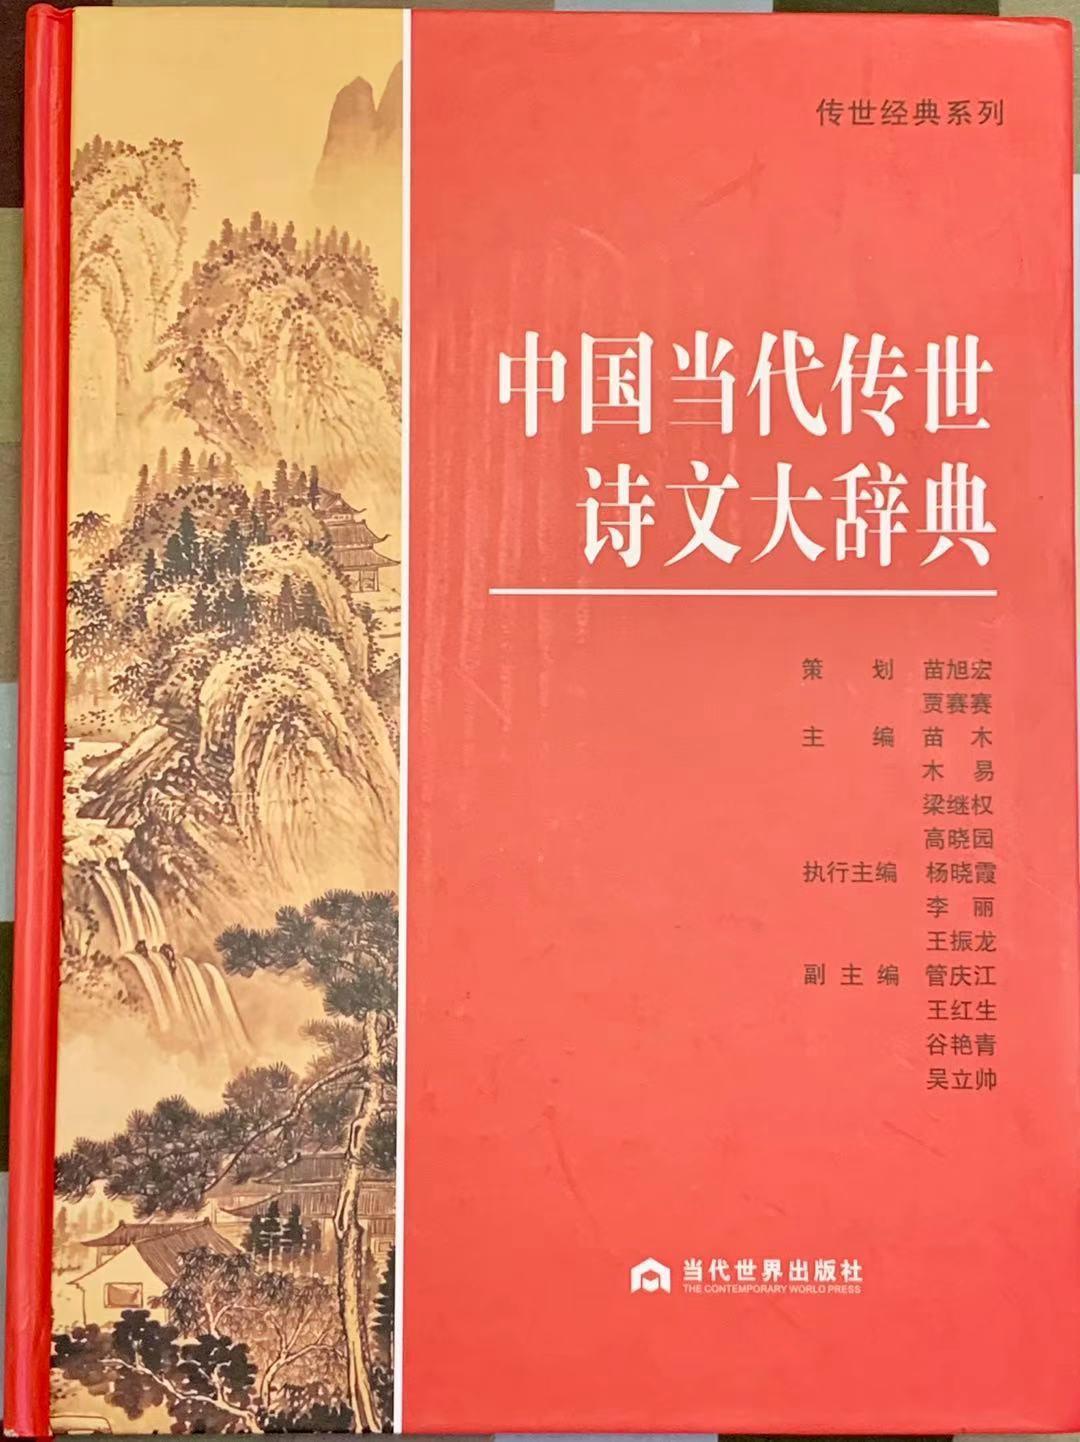 著名诗人何基富出版的诗集书名一览